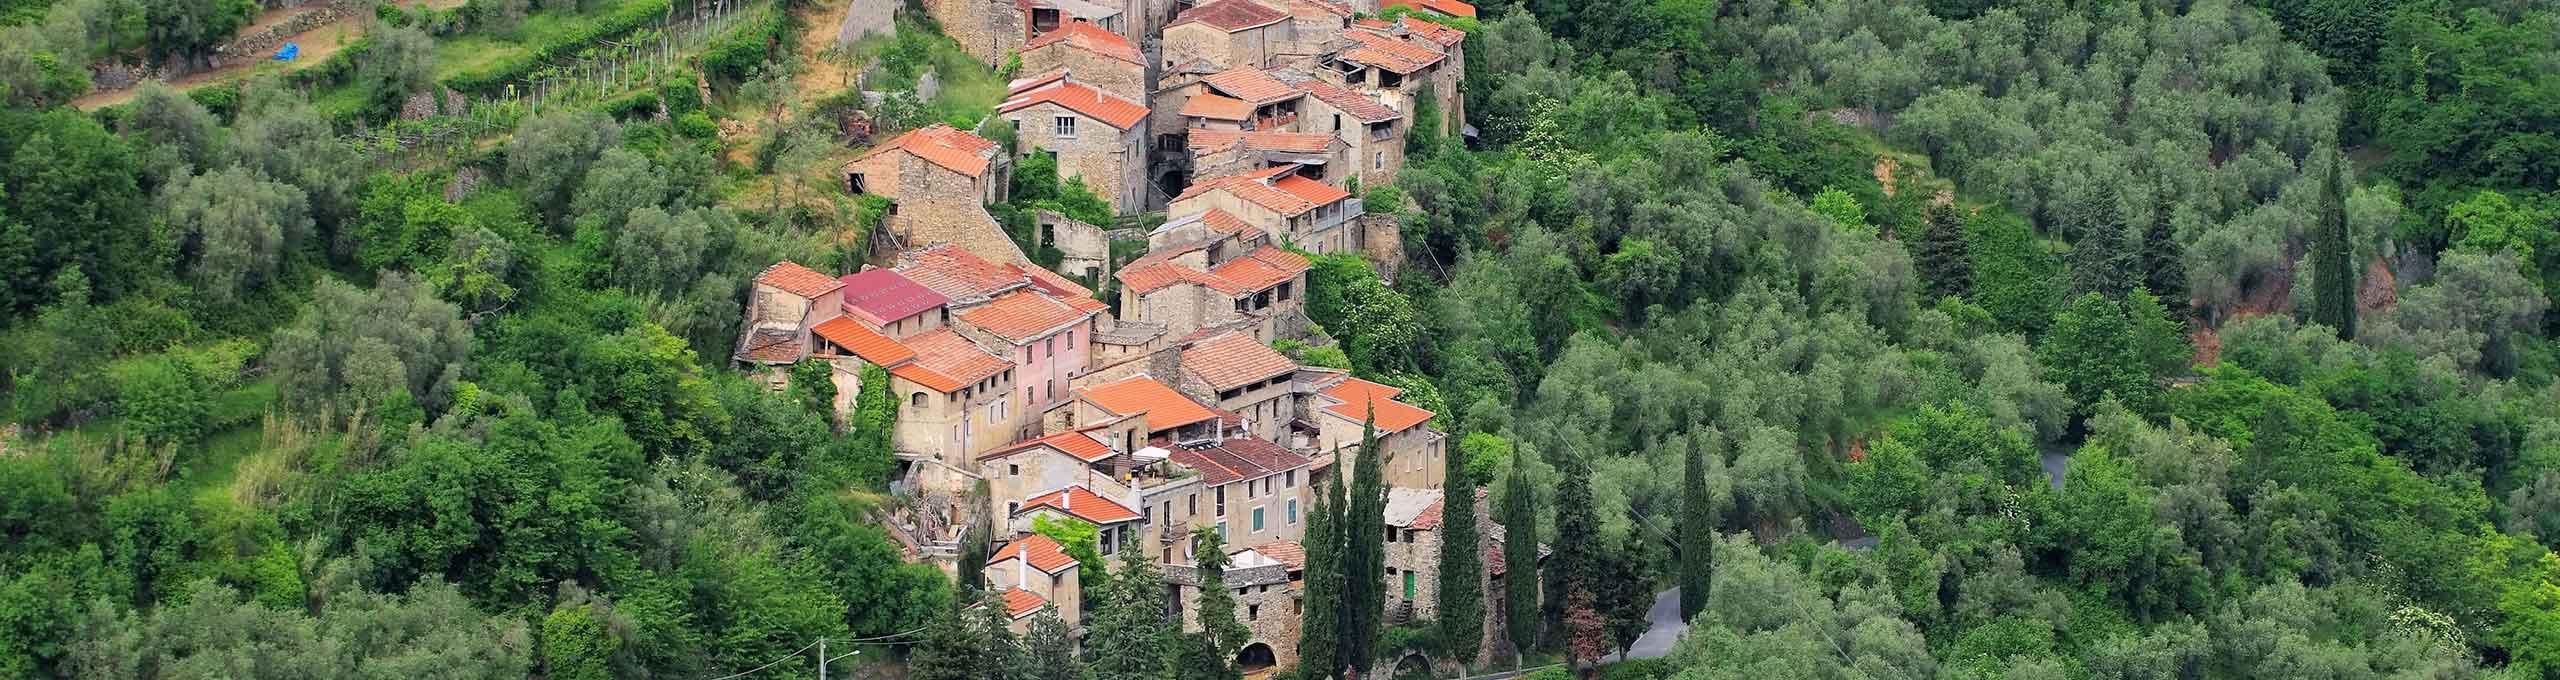 Vignolo, Valle Stura